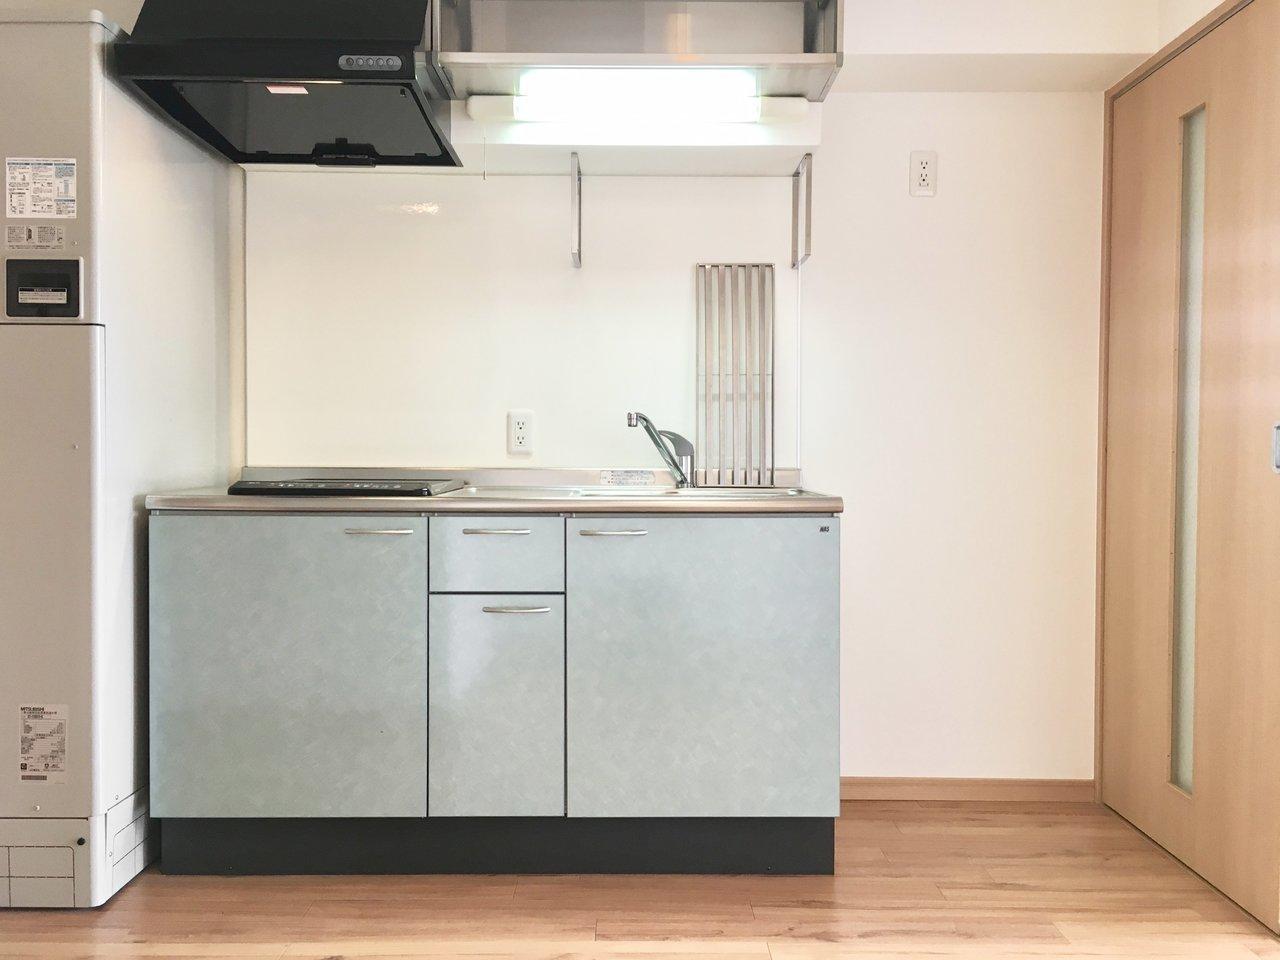 キッチンは淡いブルー色。掃除がしやすいIHコンロが二口ついています。